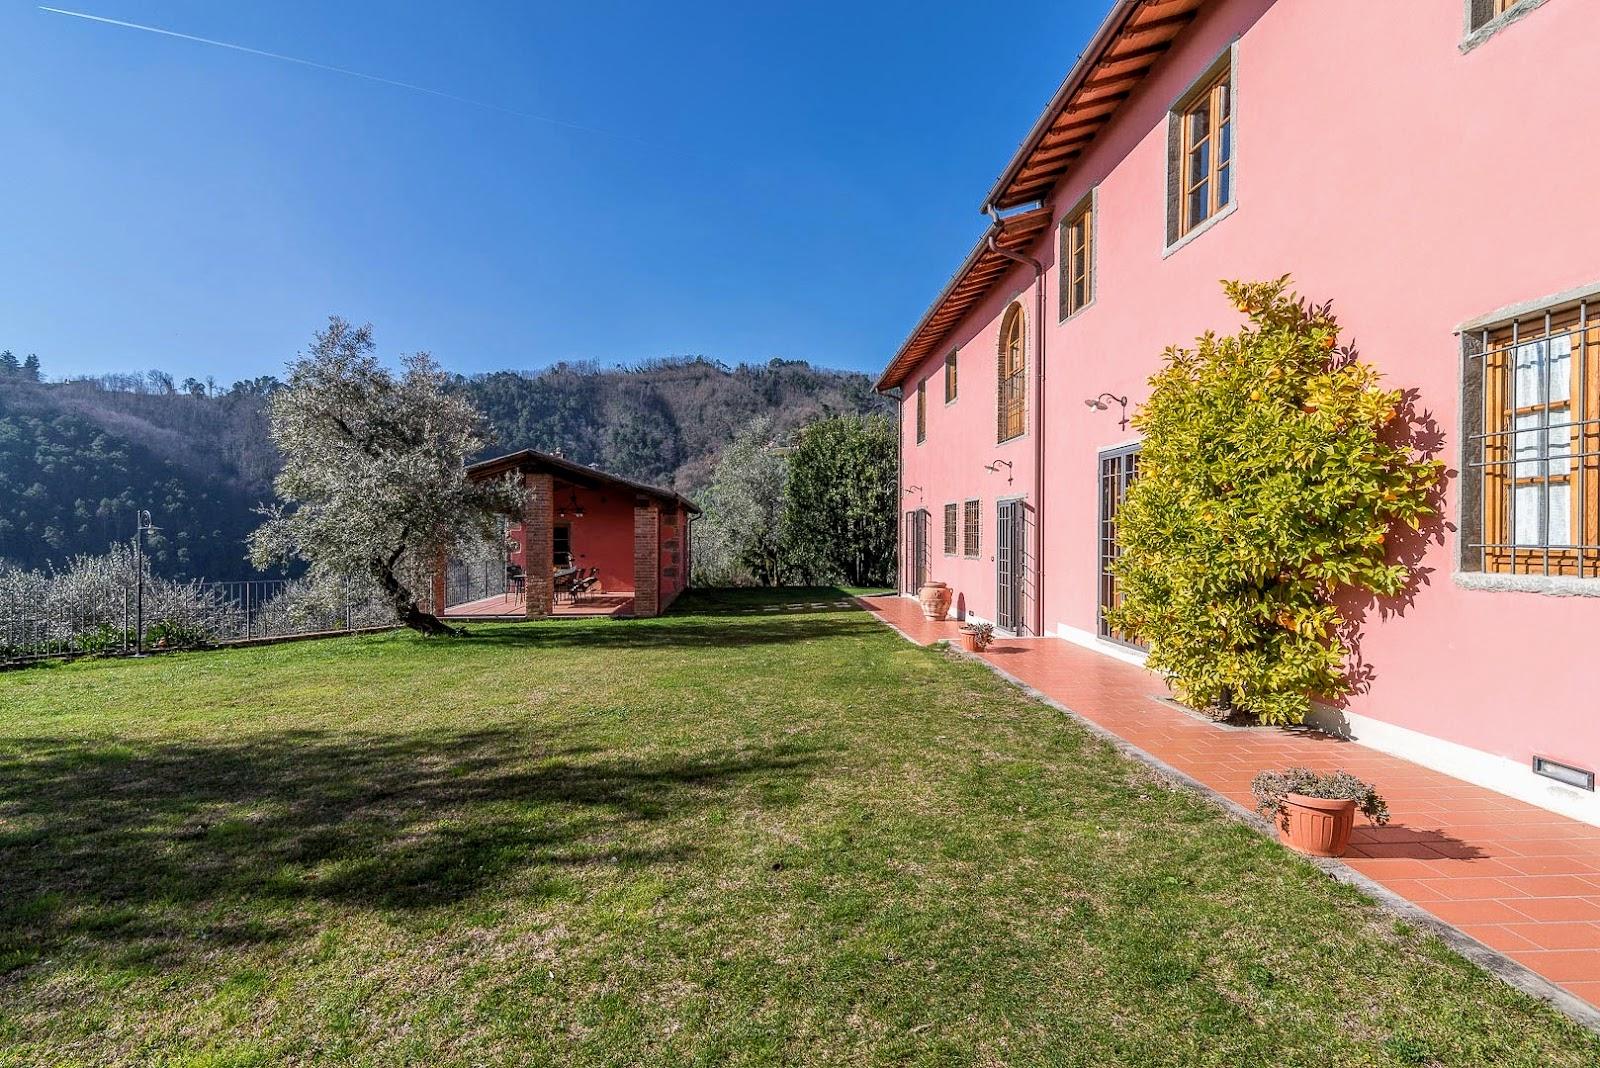 Ferienhaus Casale di Buggiano (1975399), Buggiano, Pistoia, Toskana, Italien, Bild 4